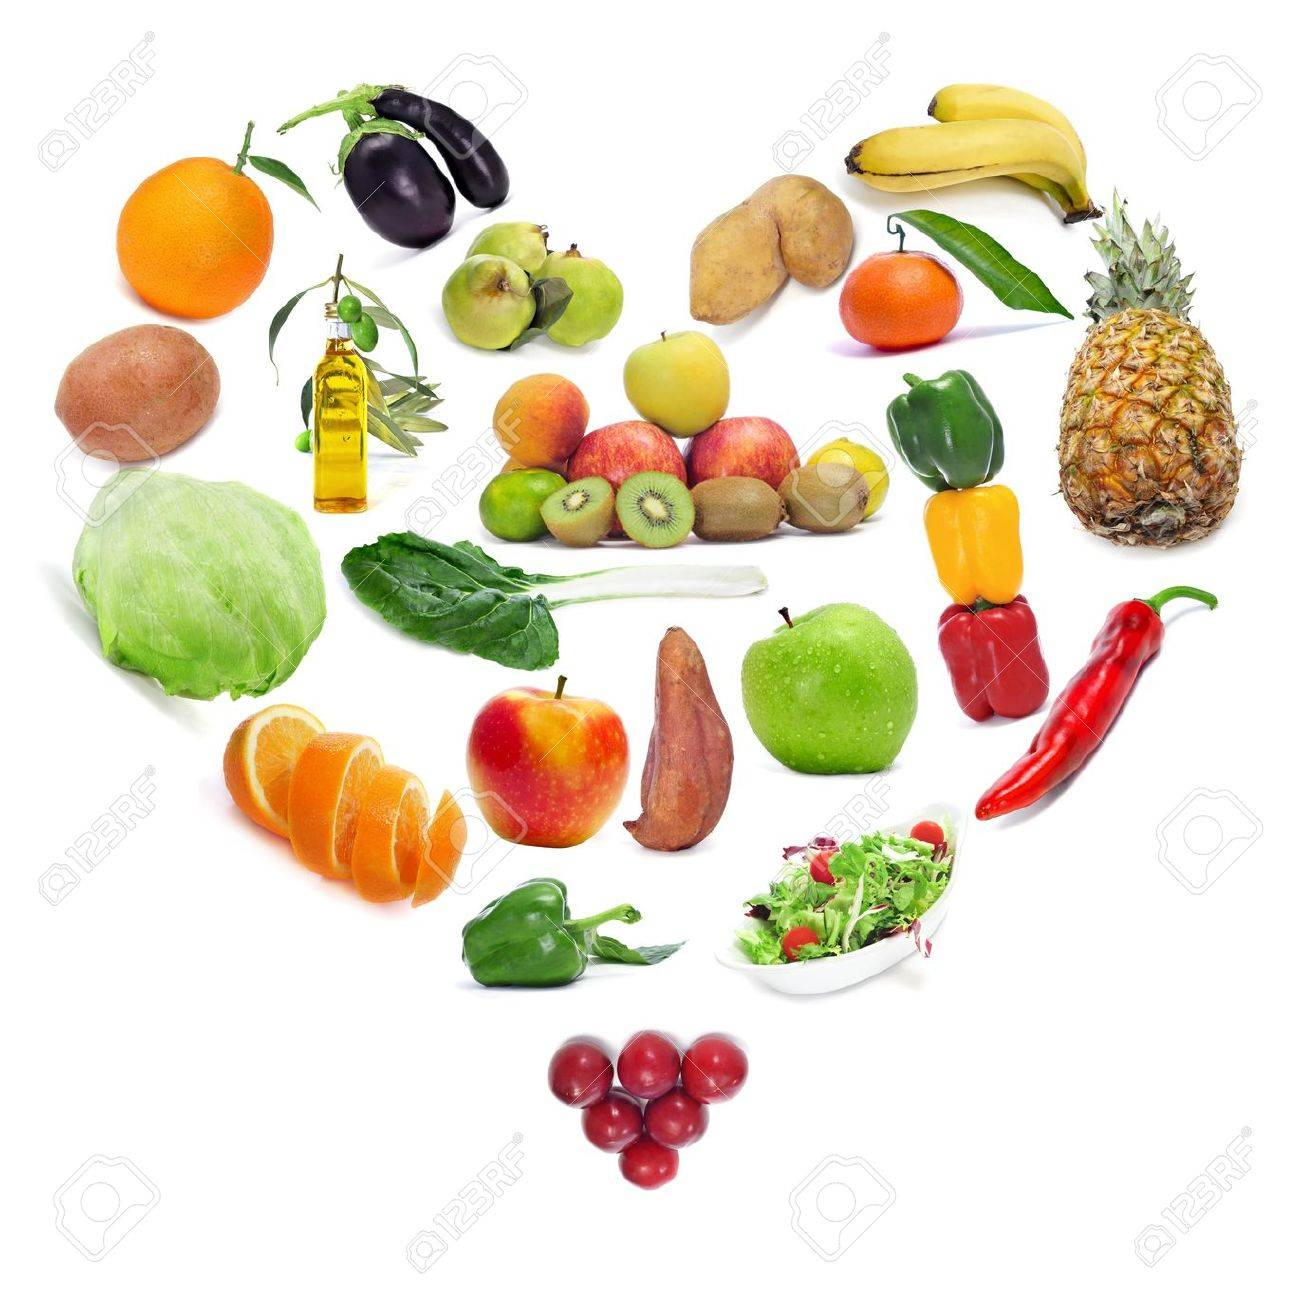 El Amor Por Los Frutos De Alimentos Saludables Y Verduras Que Forman